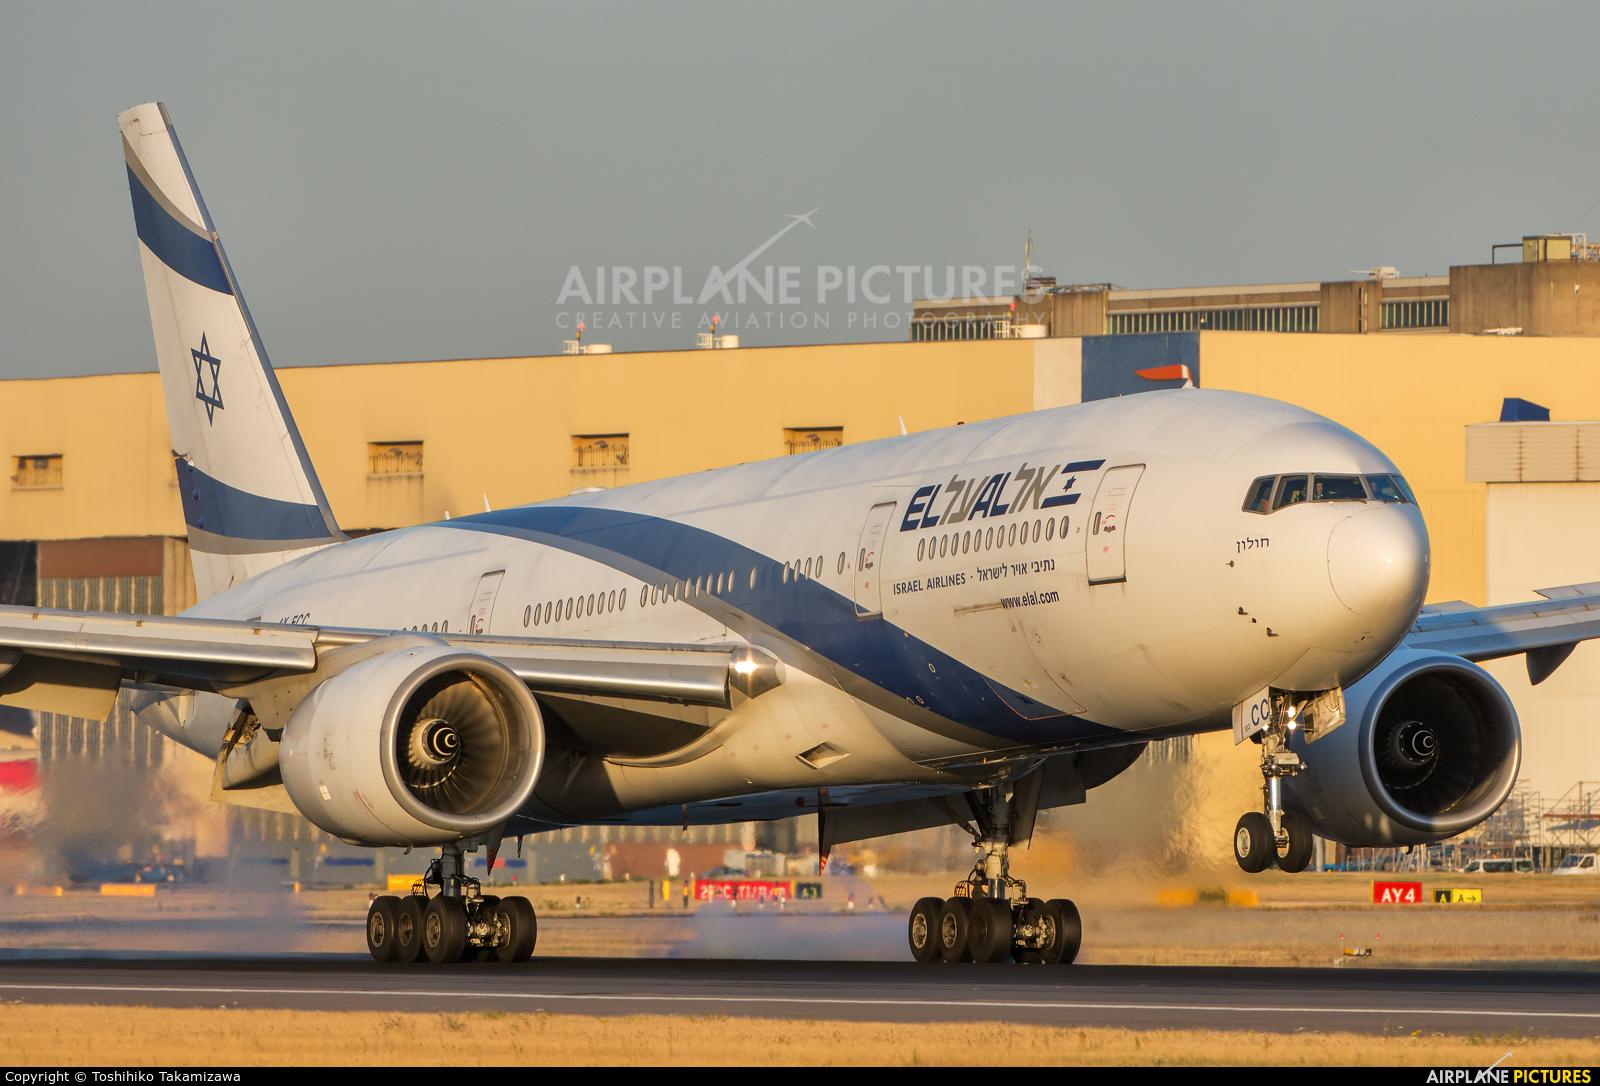 El Al Israel Airlines 4X-ECC aircraft at London - Heathrow